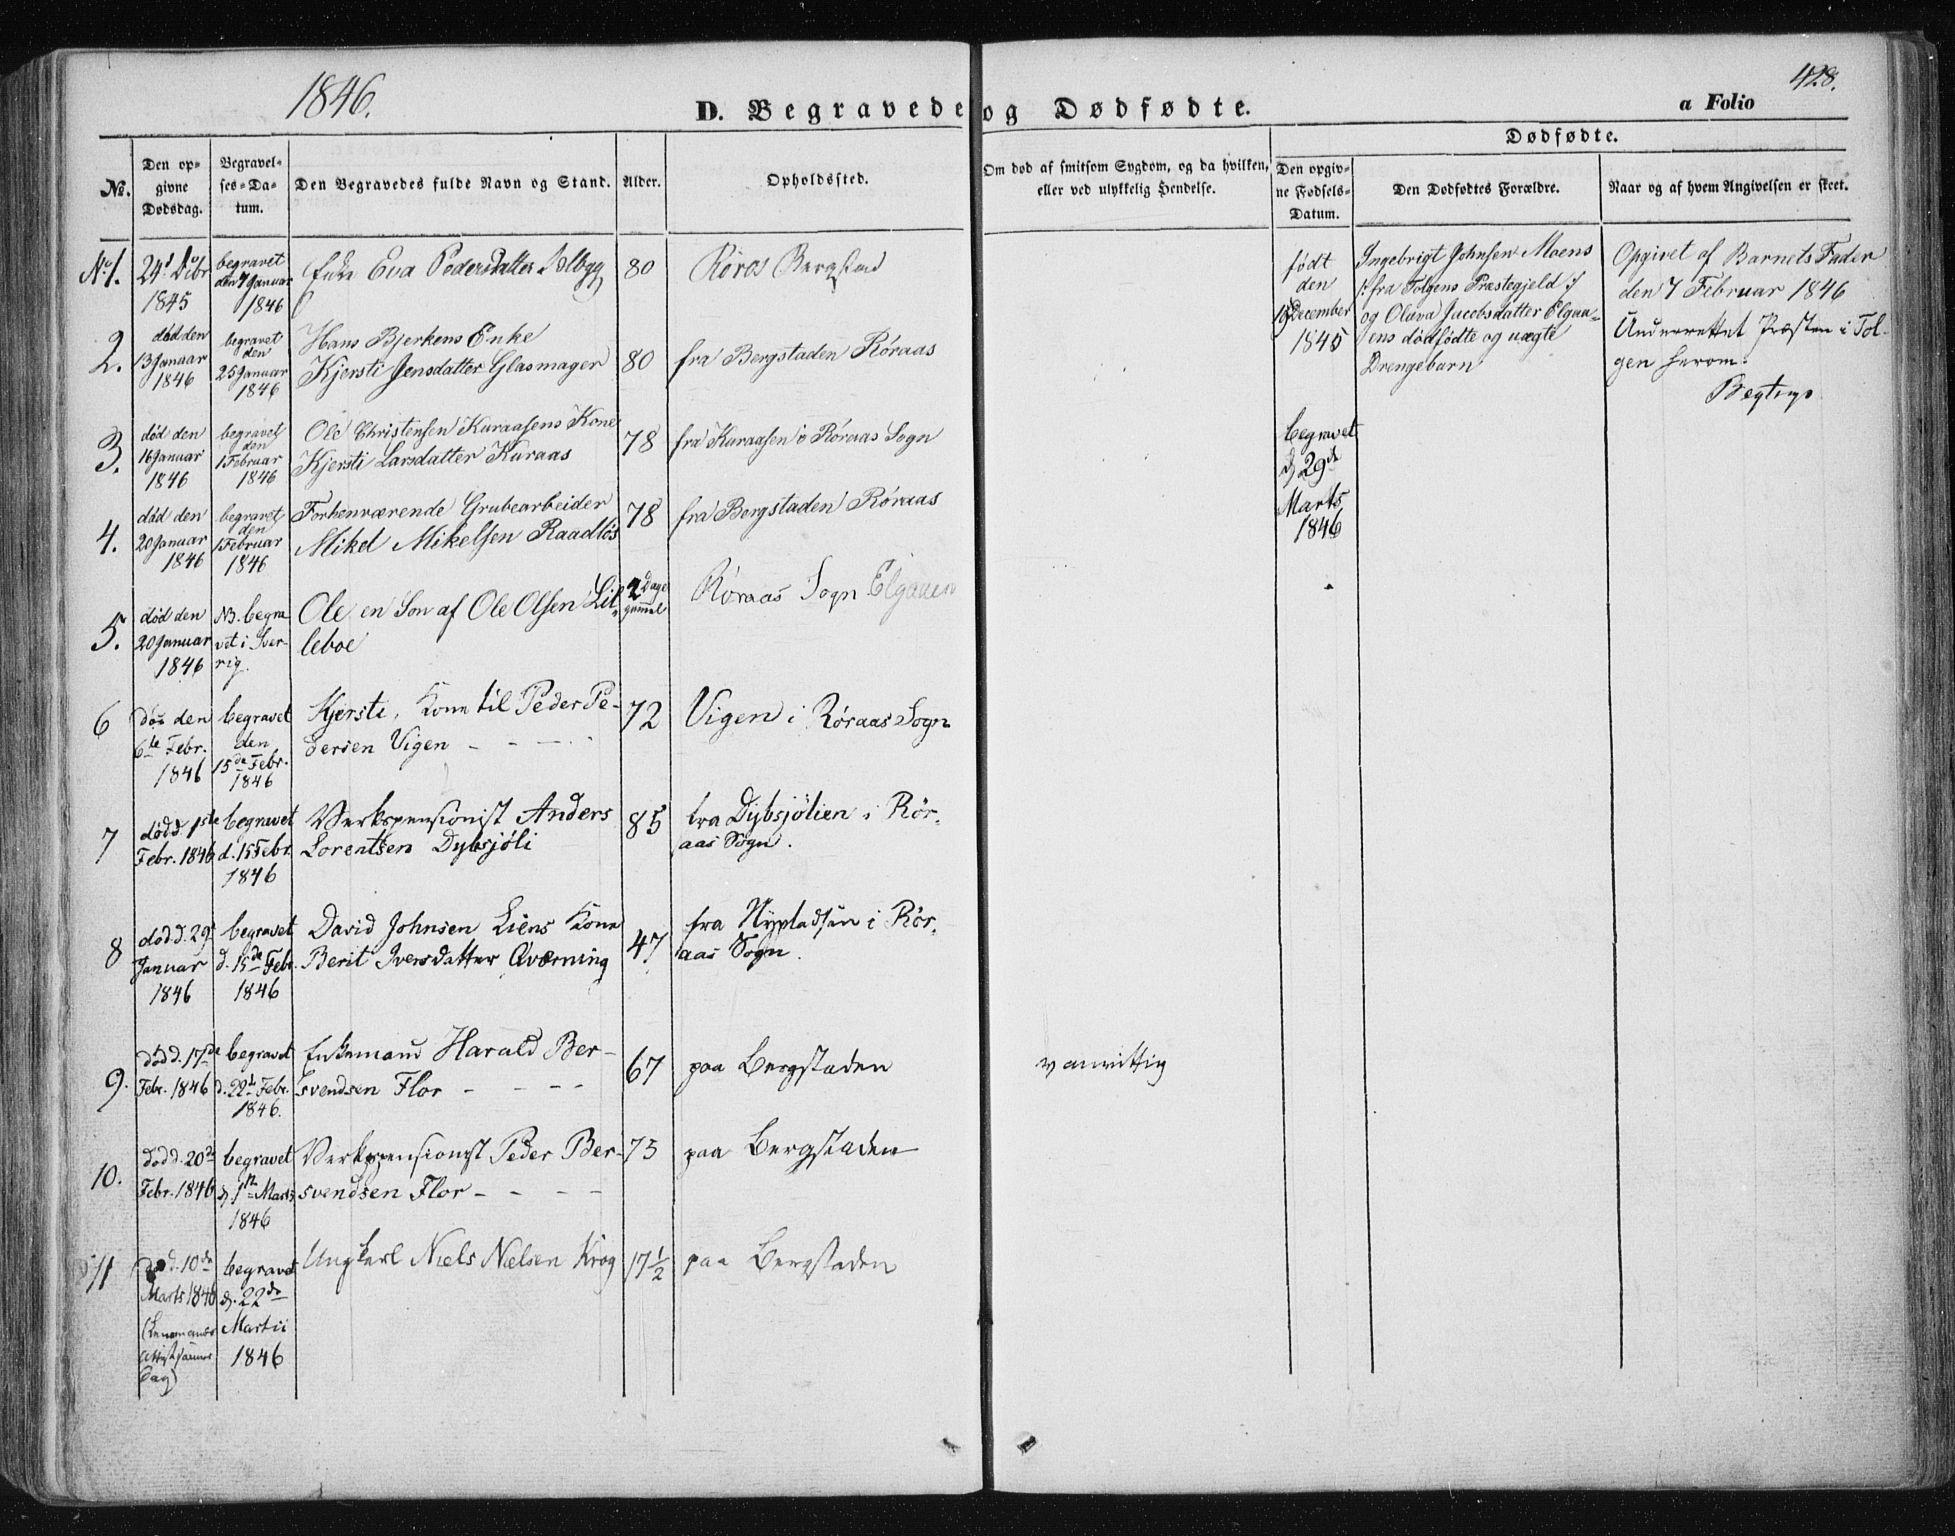 SAT, Ministerialprotokoller, klokkerbøker og fødselsregistre - Sør-Trøndelag, 681/L0931: Ministerialbok nr. 681A09, 1845-1859, s. 428